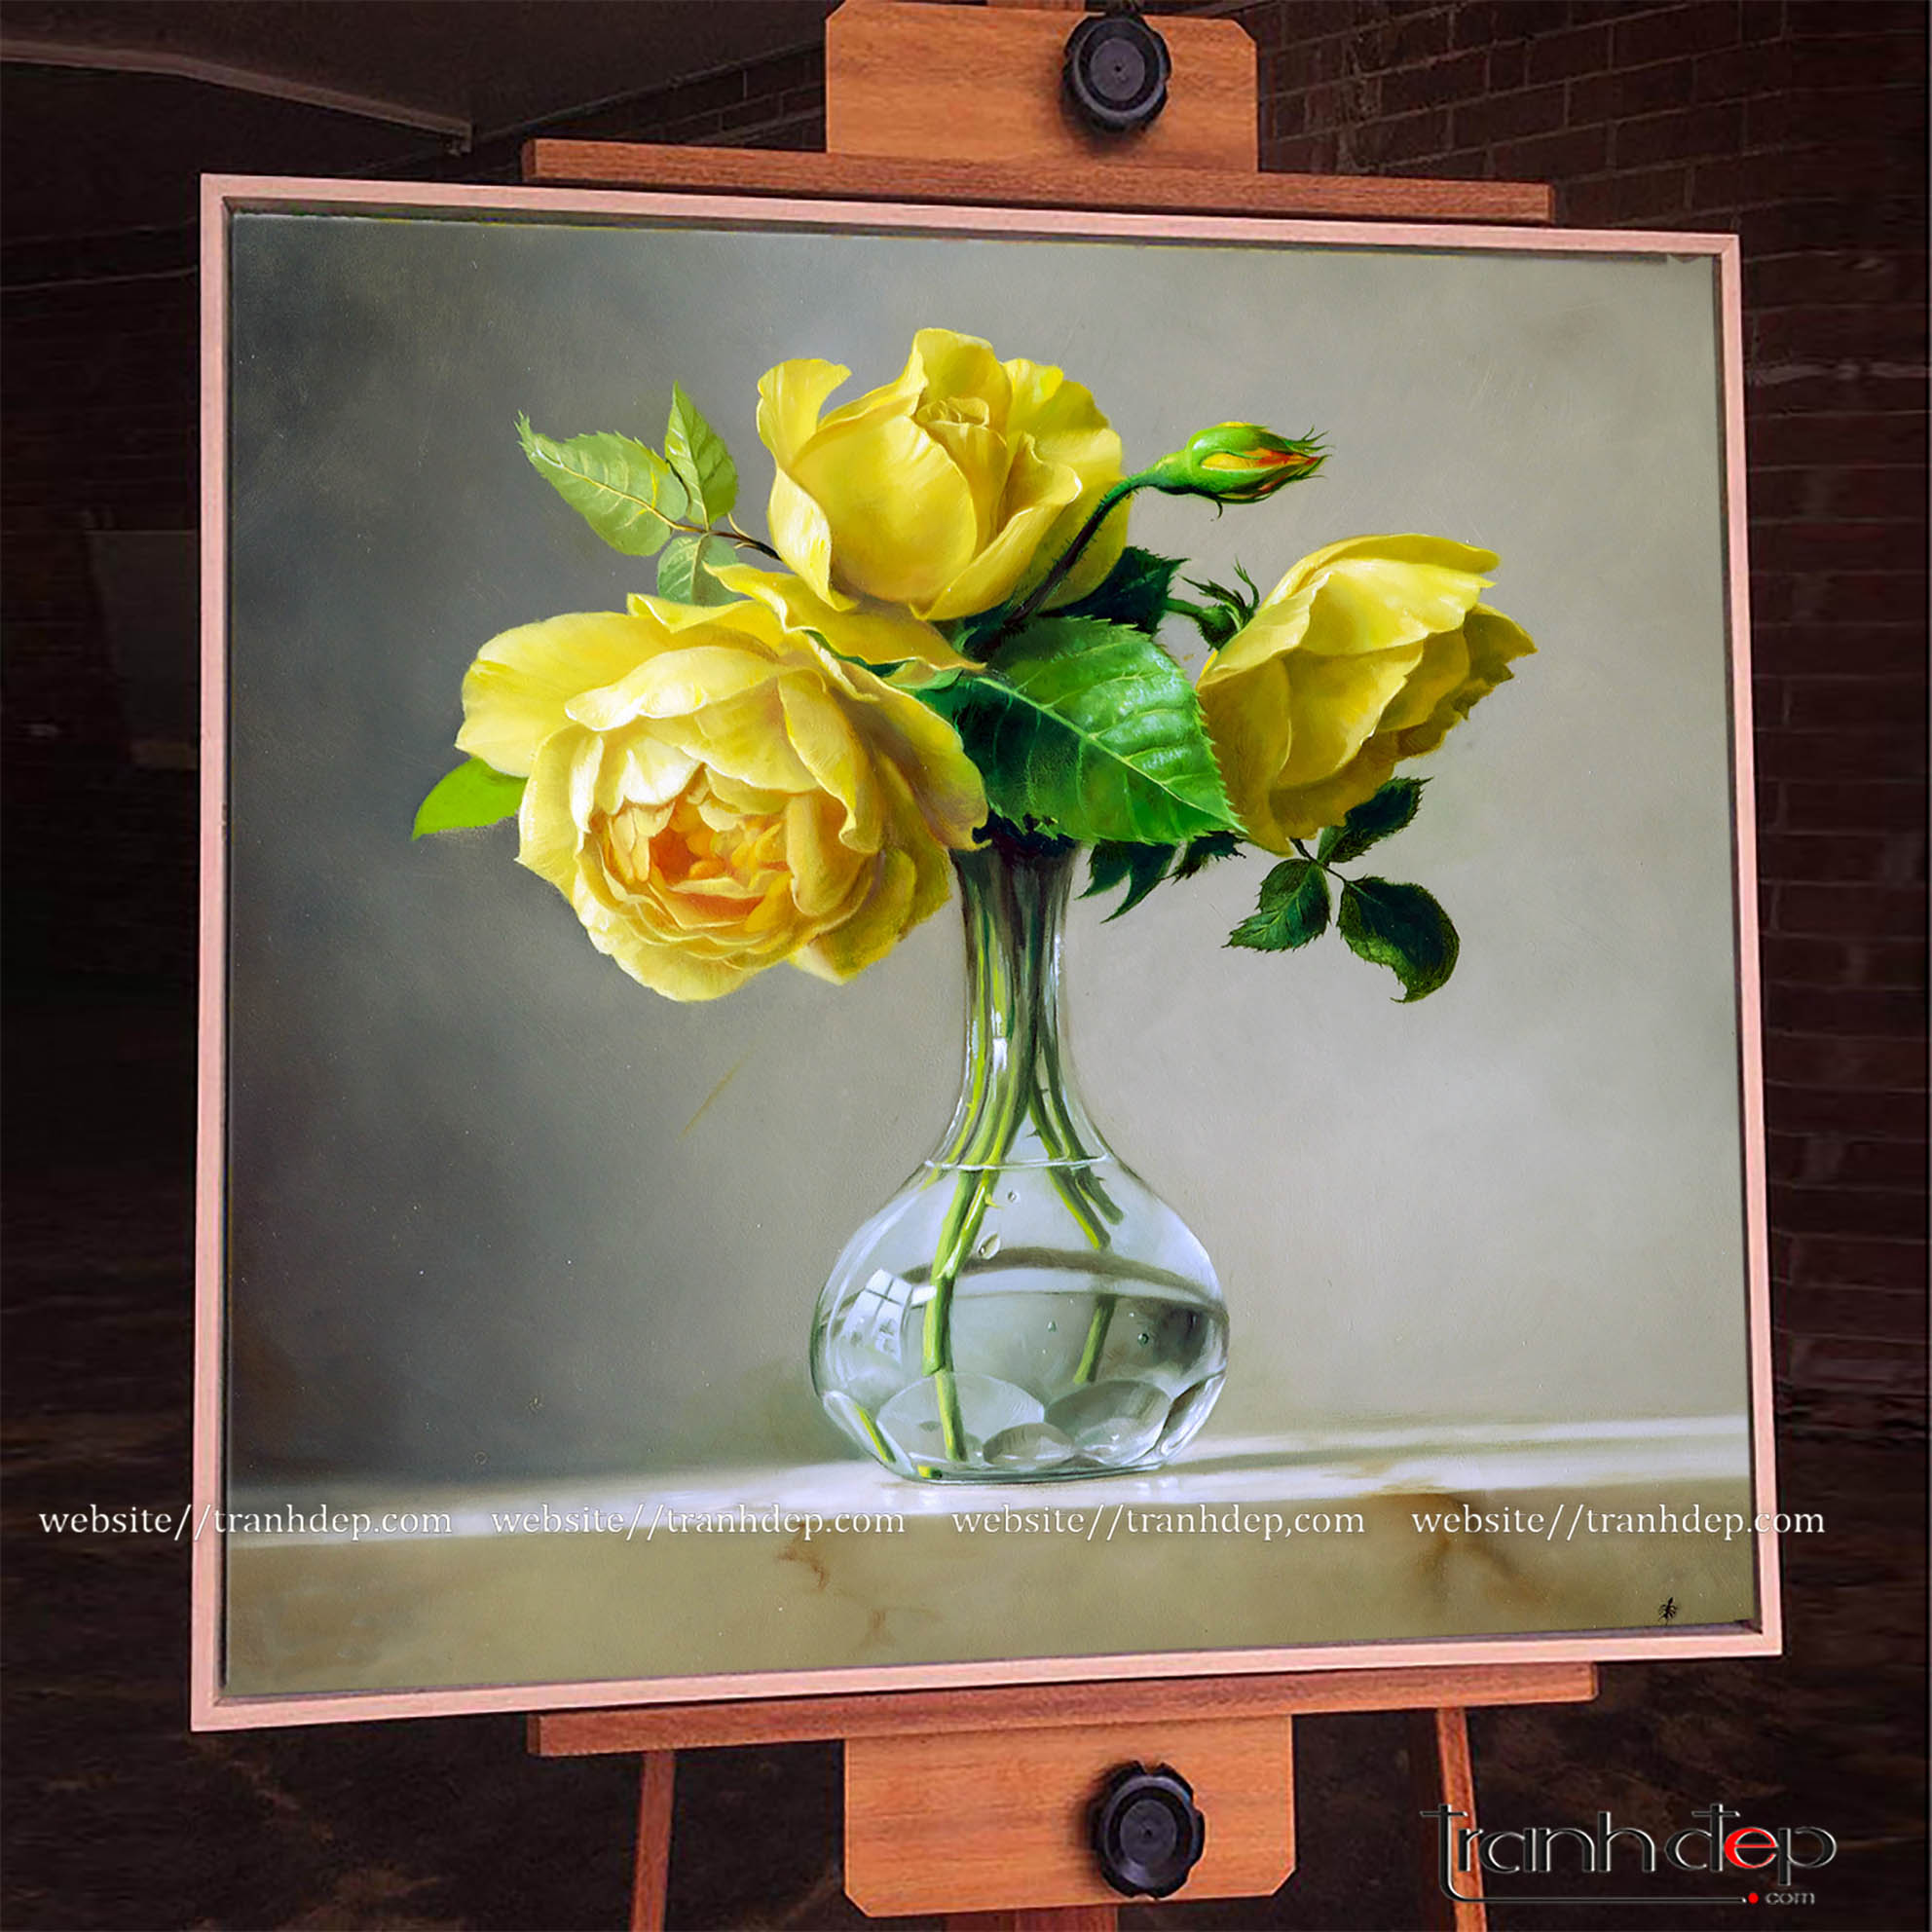 Cận cảnh bức tranh vẽ hoa hồng vàng